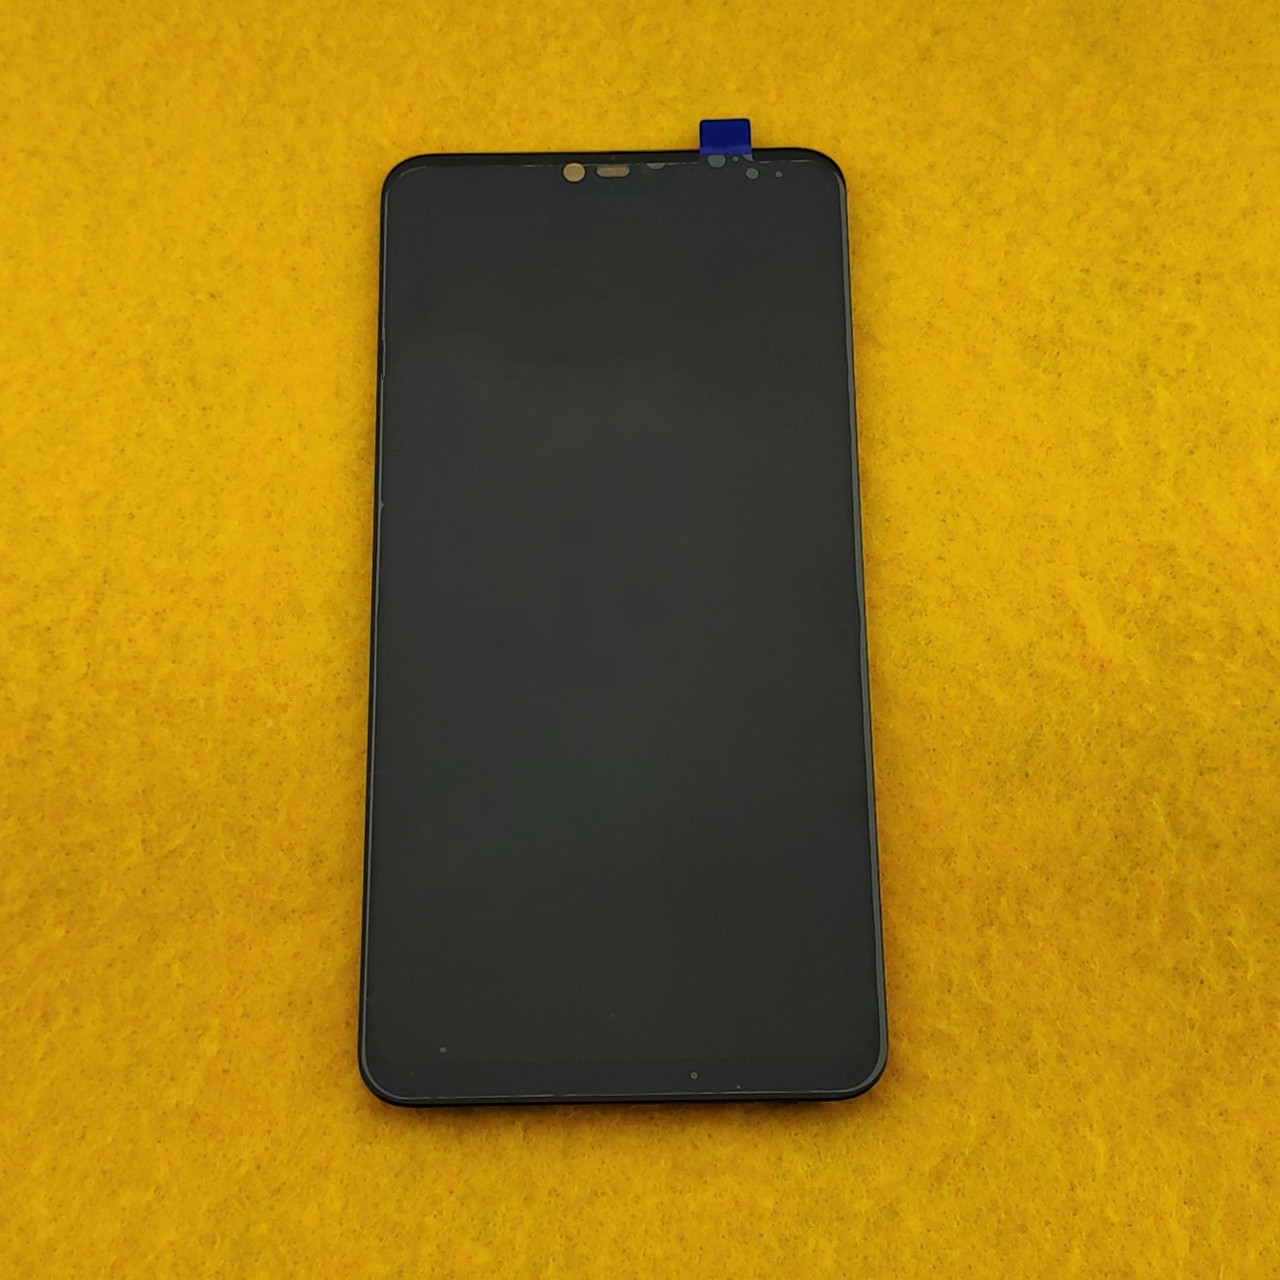 Модуль Xiaomi Mi 8 Lite дисплей с сенсором для телефона, черного цвета.